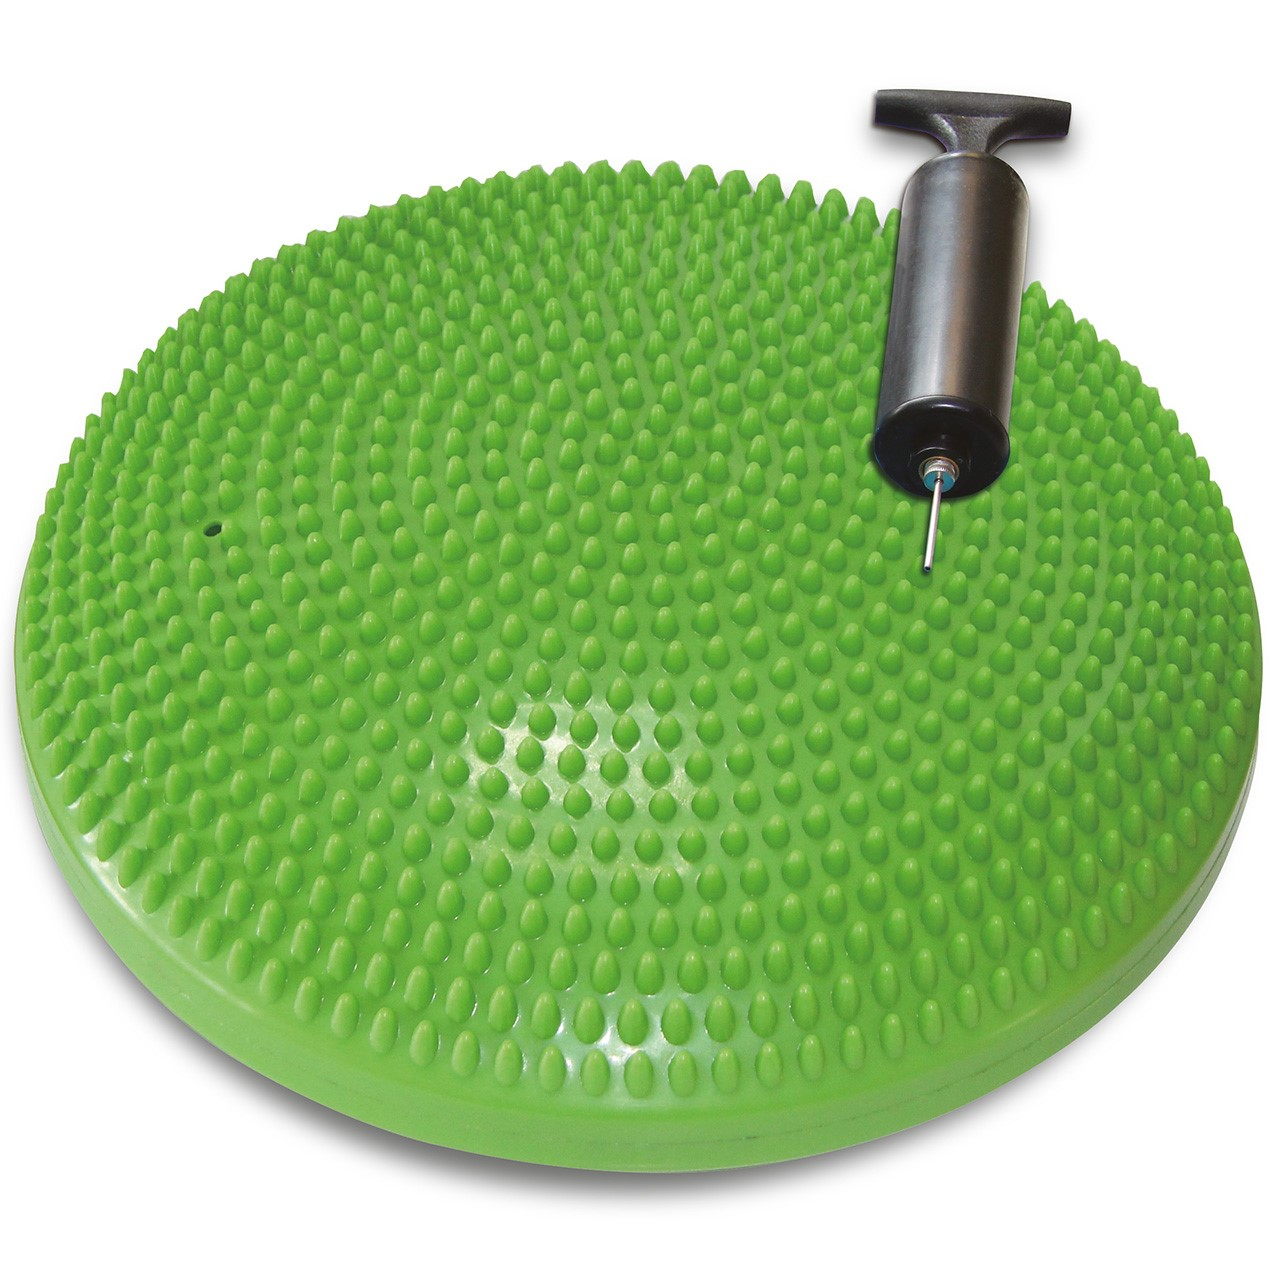 Vzduchová balanční podložka TUNTURI s pumpičkou zelená